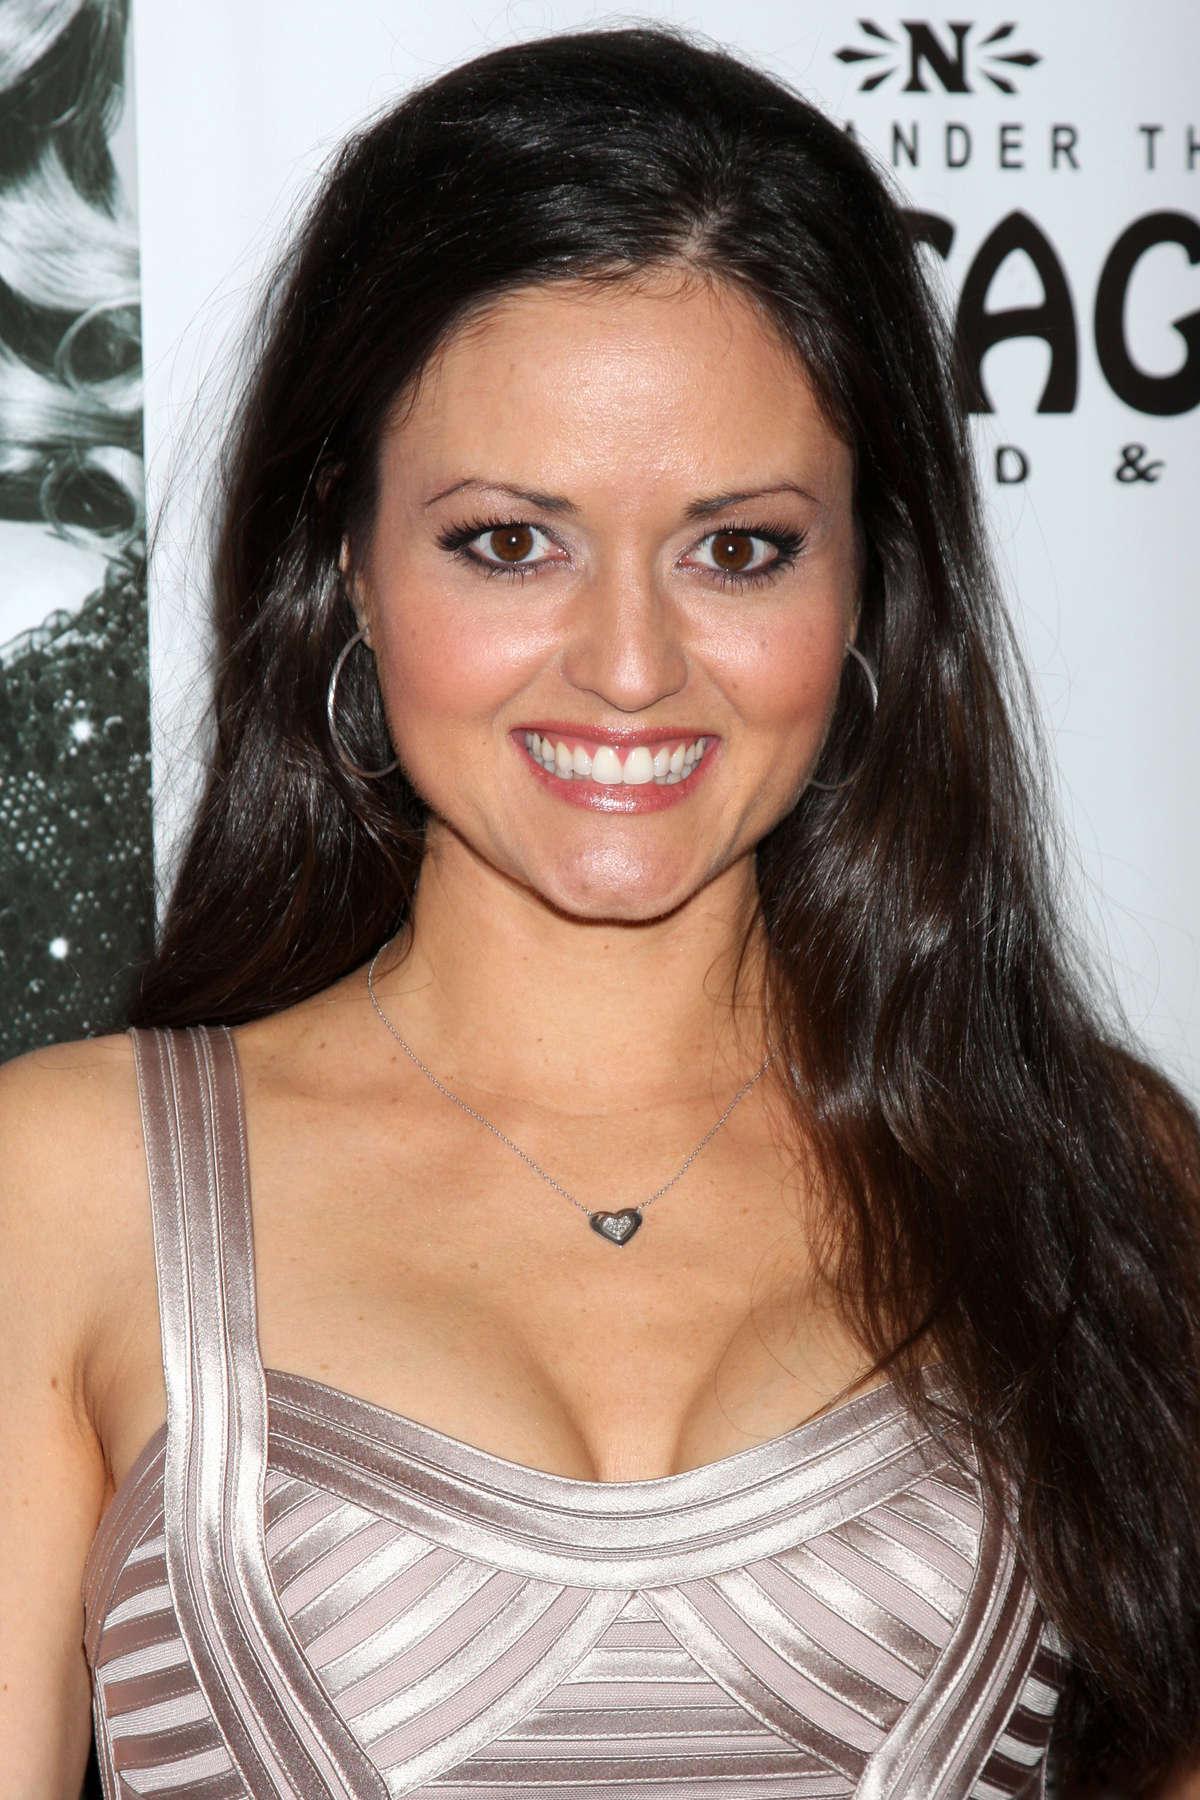 Danica McKellar | DC Movies Wiki | FANDOM powered by Wikia